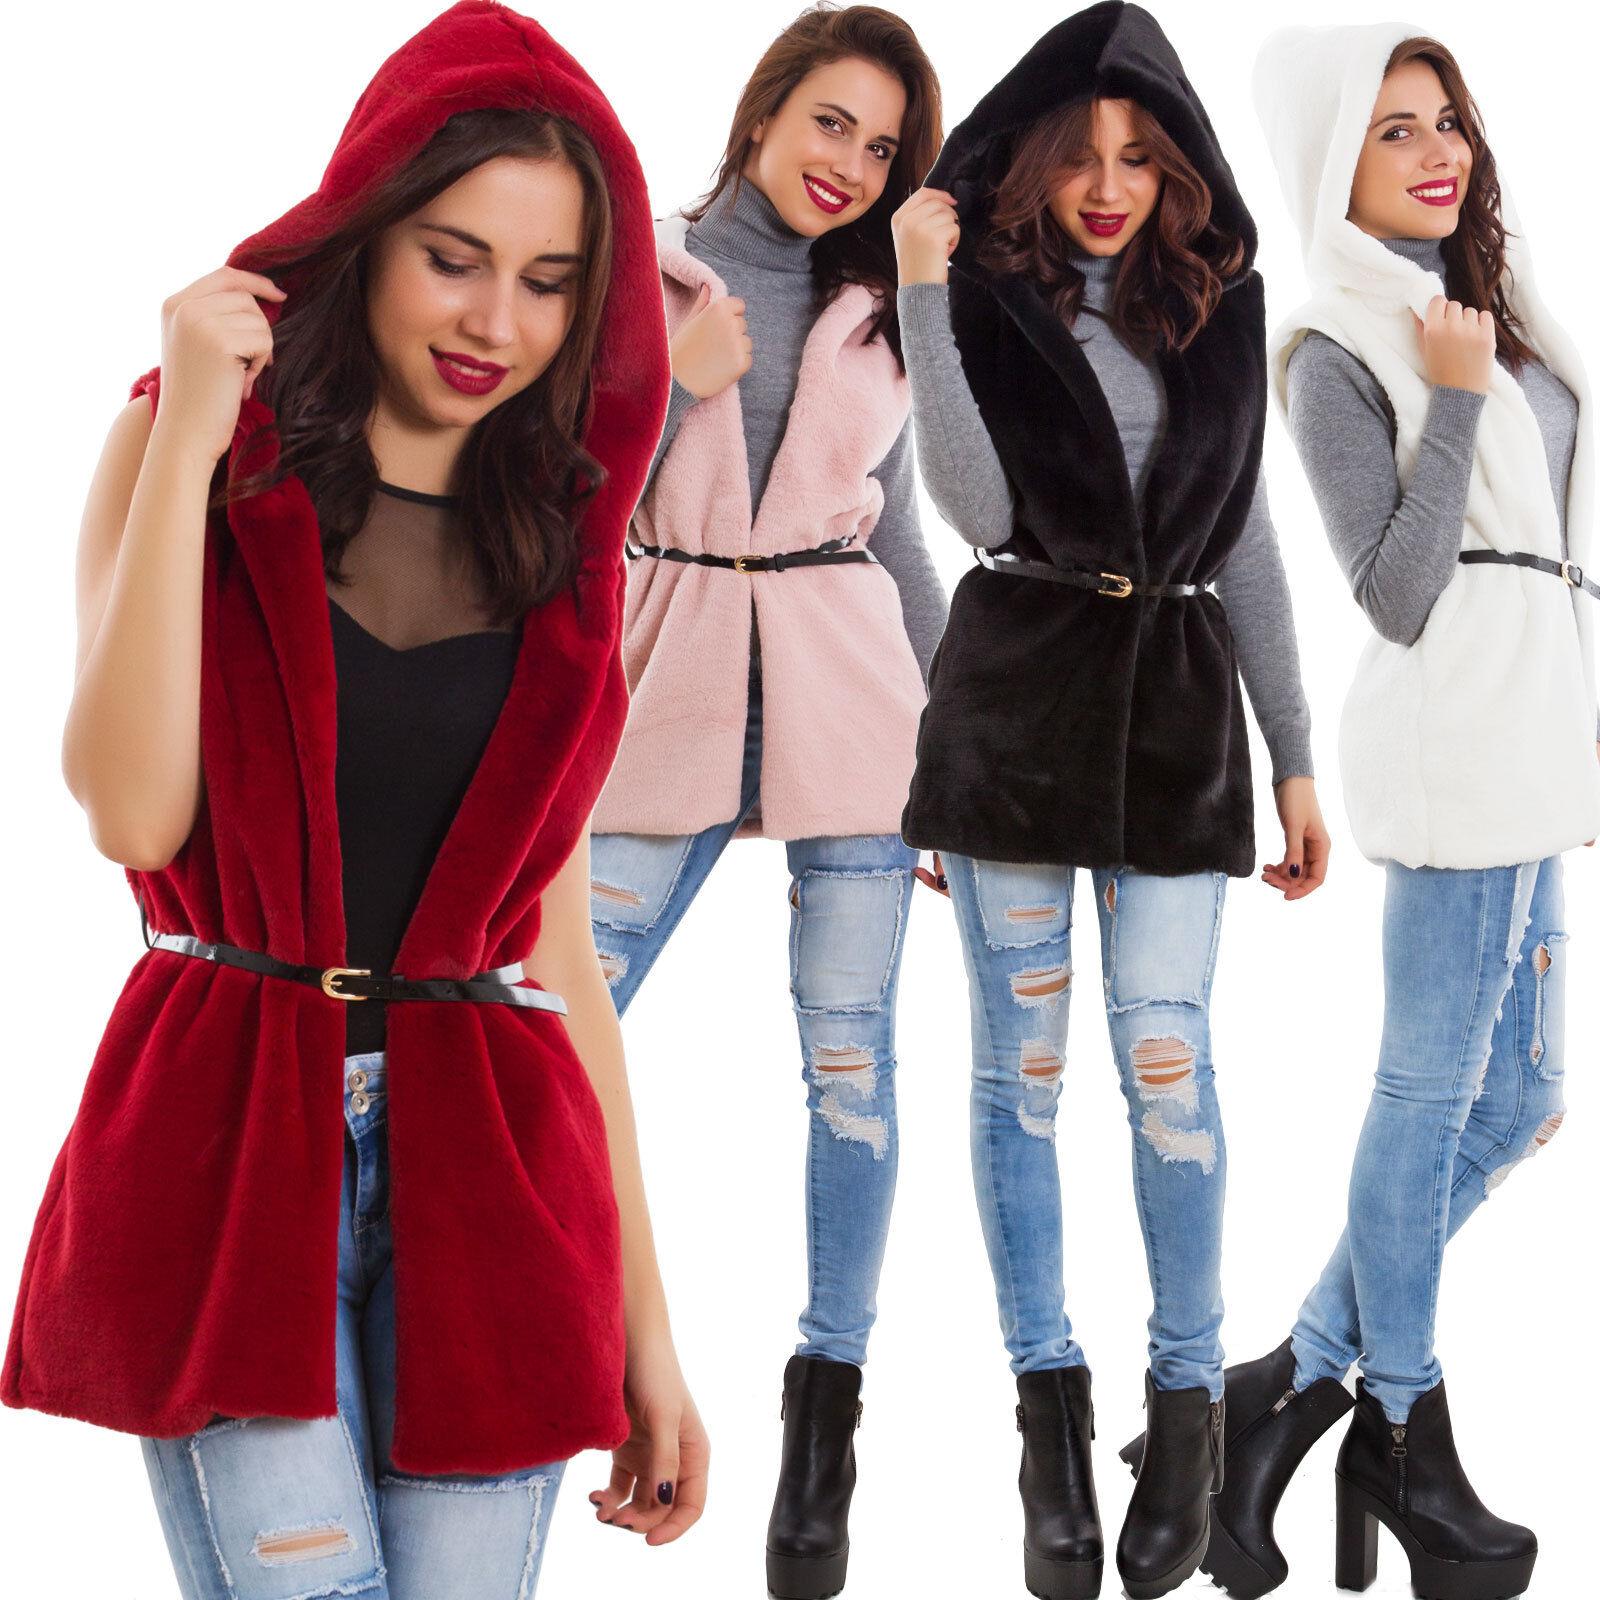 Chaqueta de women piel sintética capucha chaleco invierno cálido nuevo AS-0895